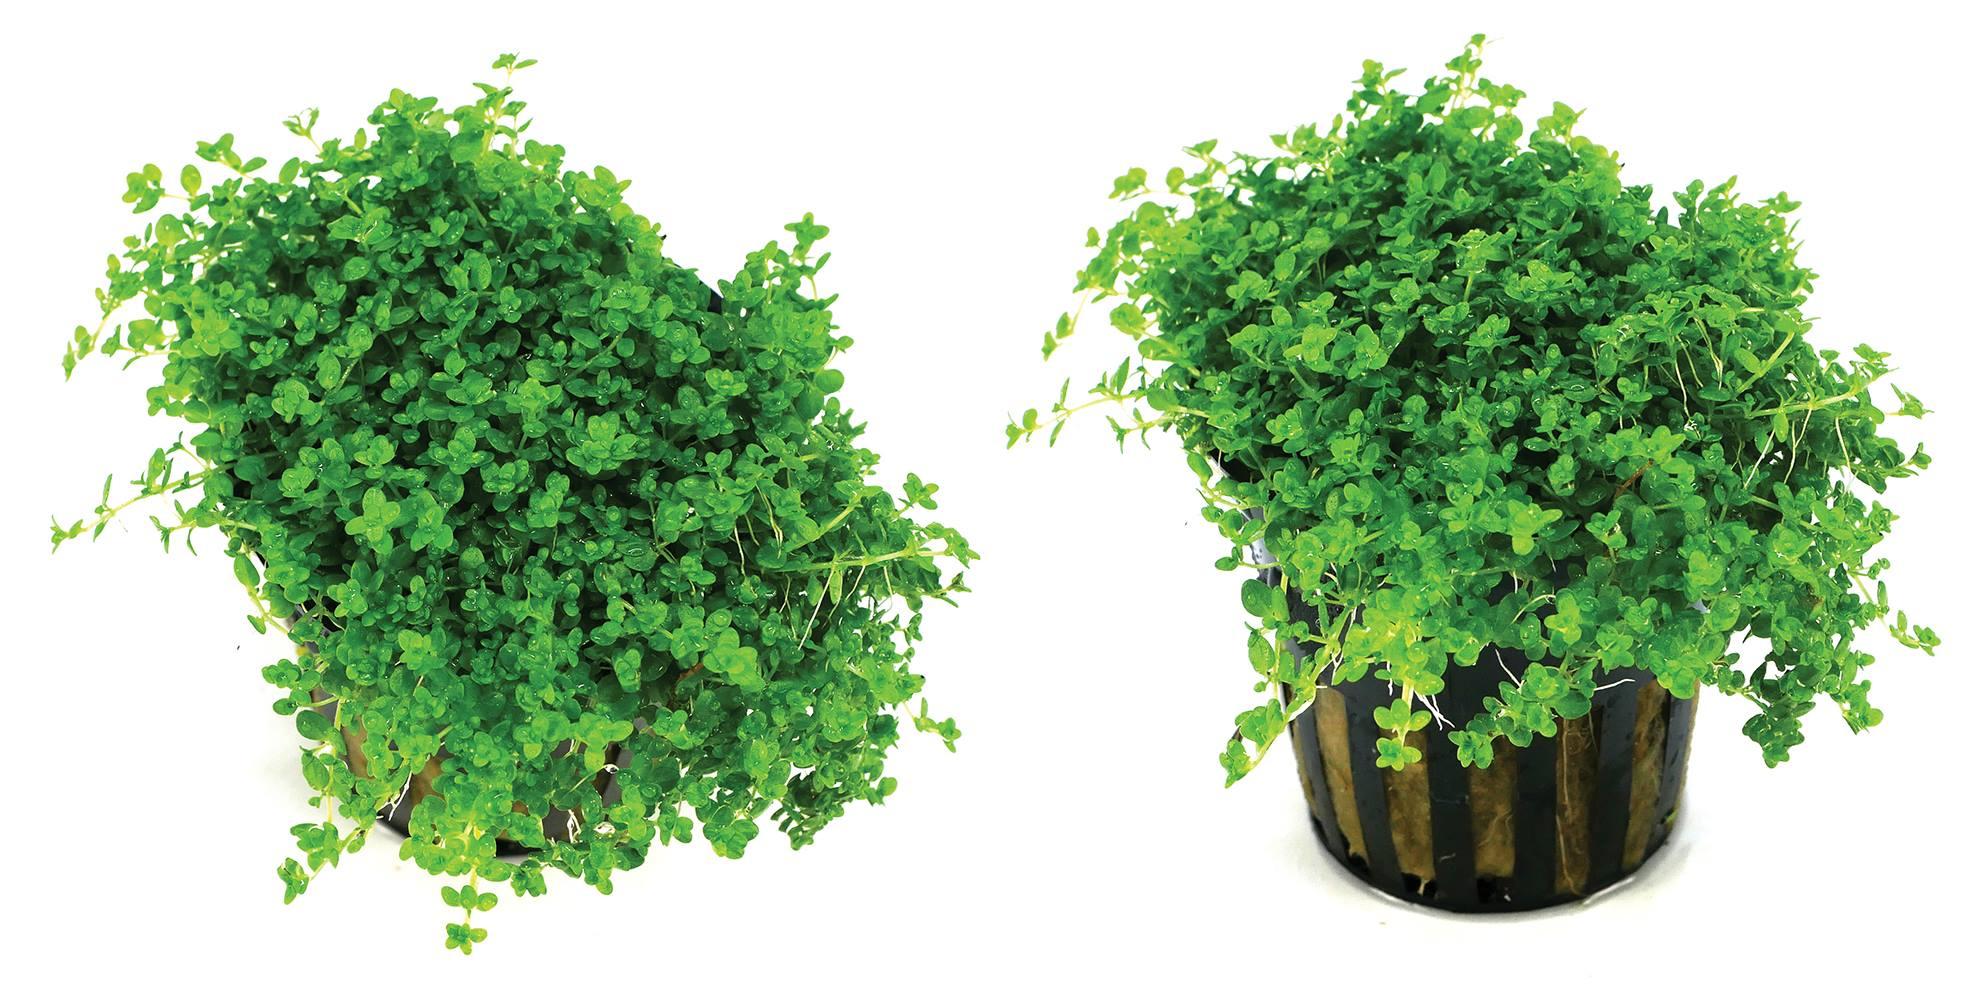 Hemianthus callitrichoides cuba Premium